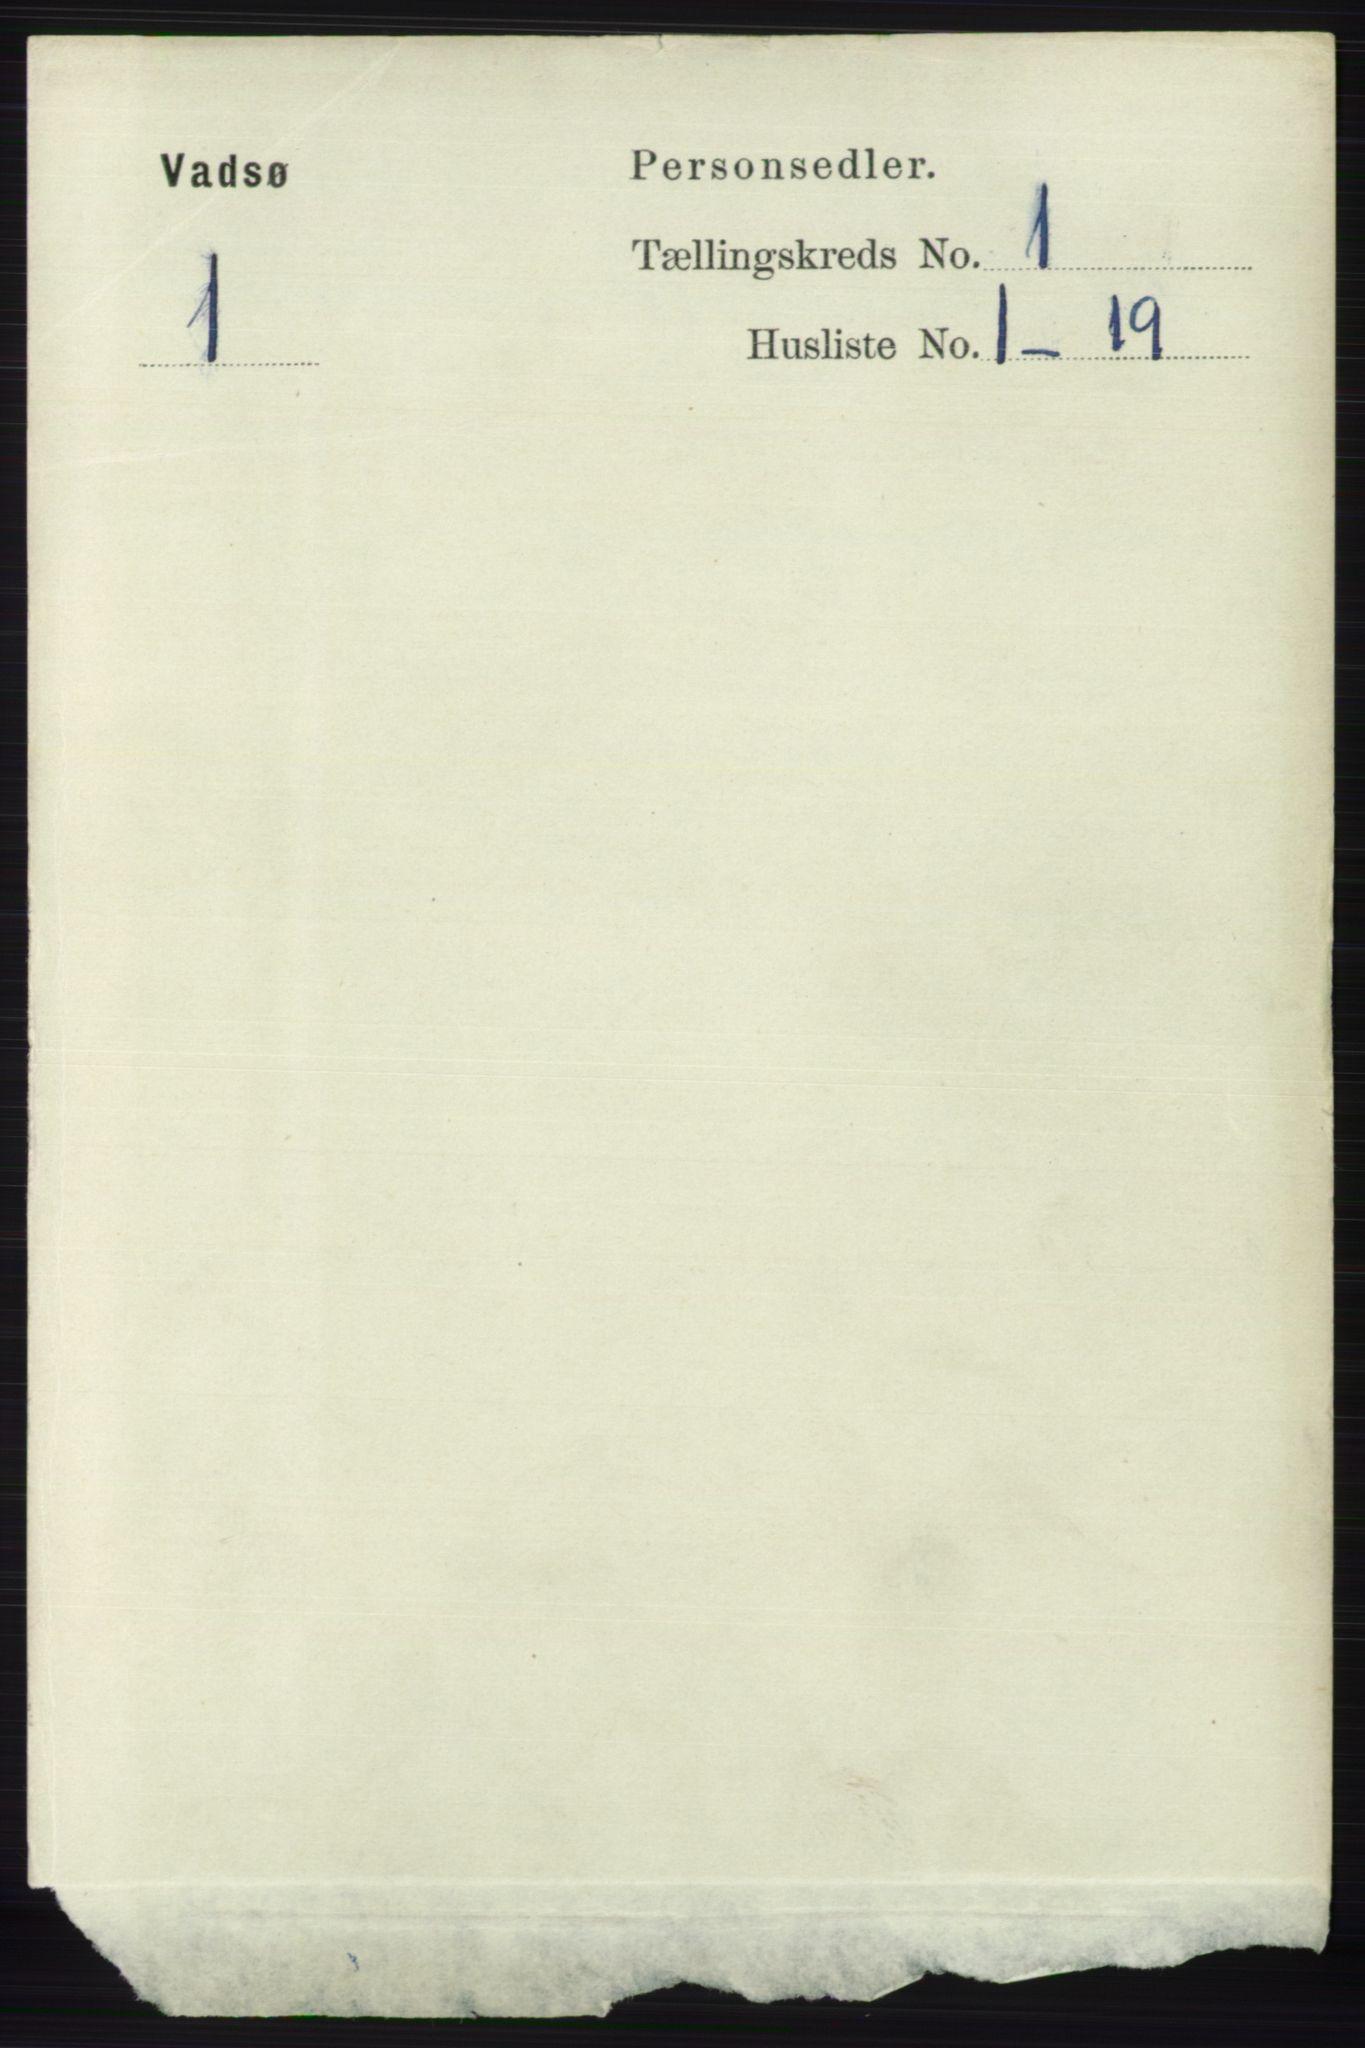 RA, Folketelling 1891 for 2003 Vadsø kjøpstad, 1891, s. 156